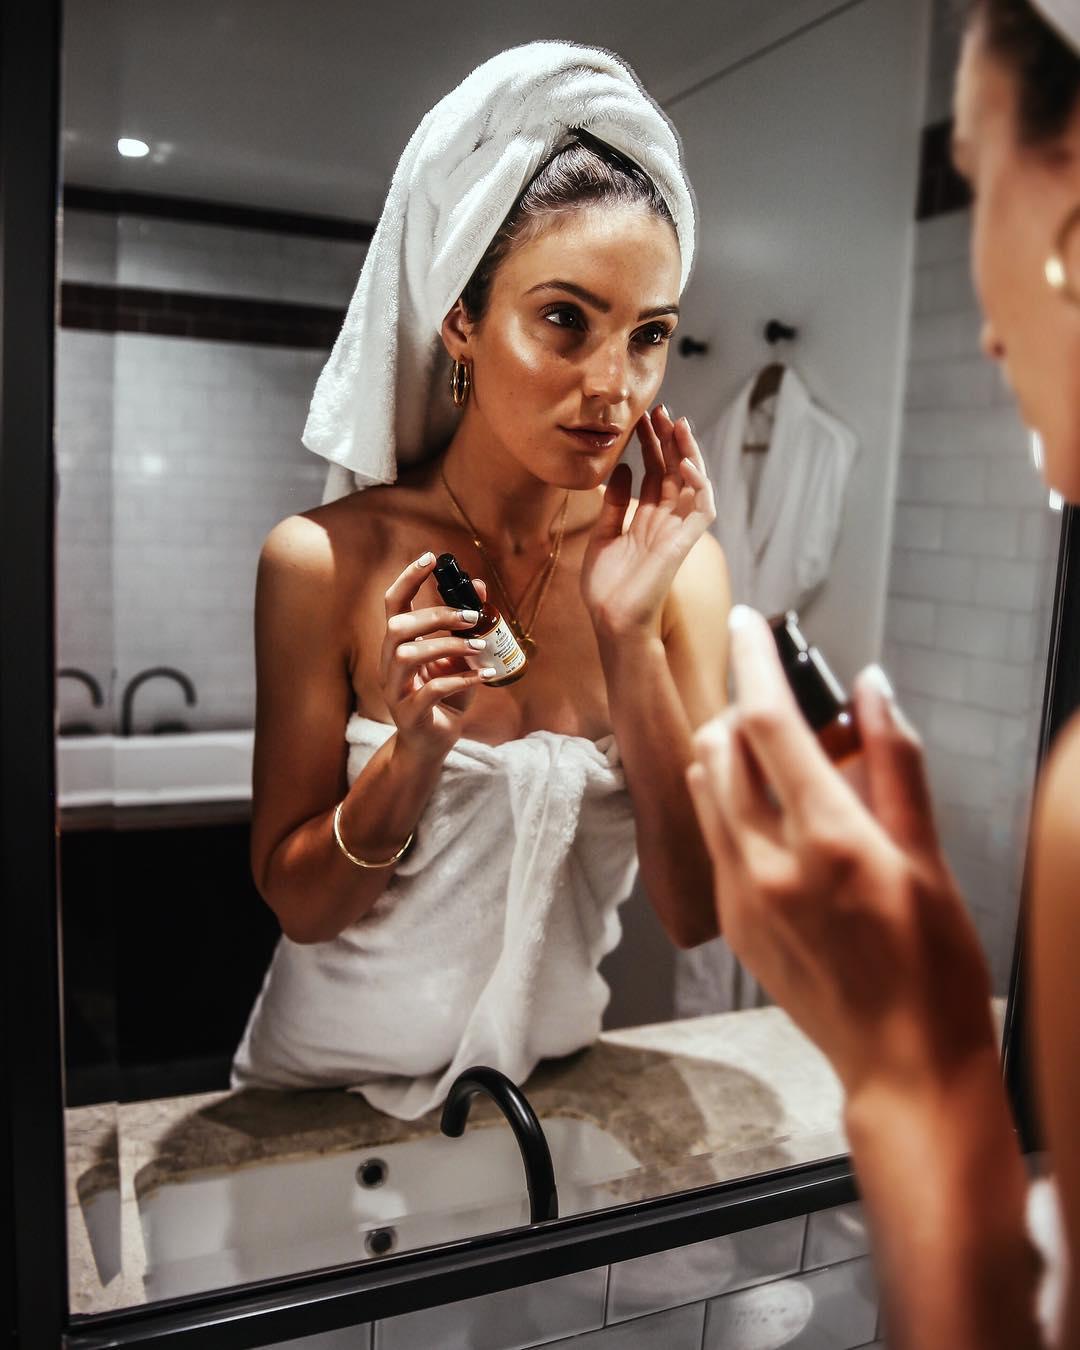 Beauty greške u 20-ima zbog kojih ćete požaliti u 30-ima